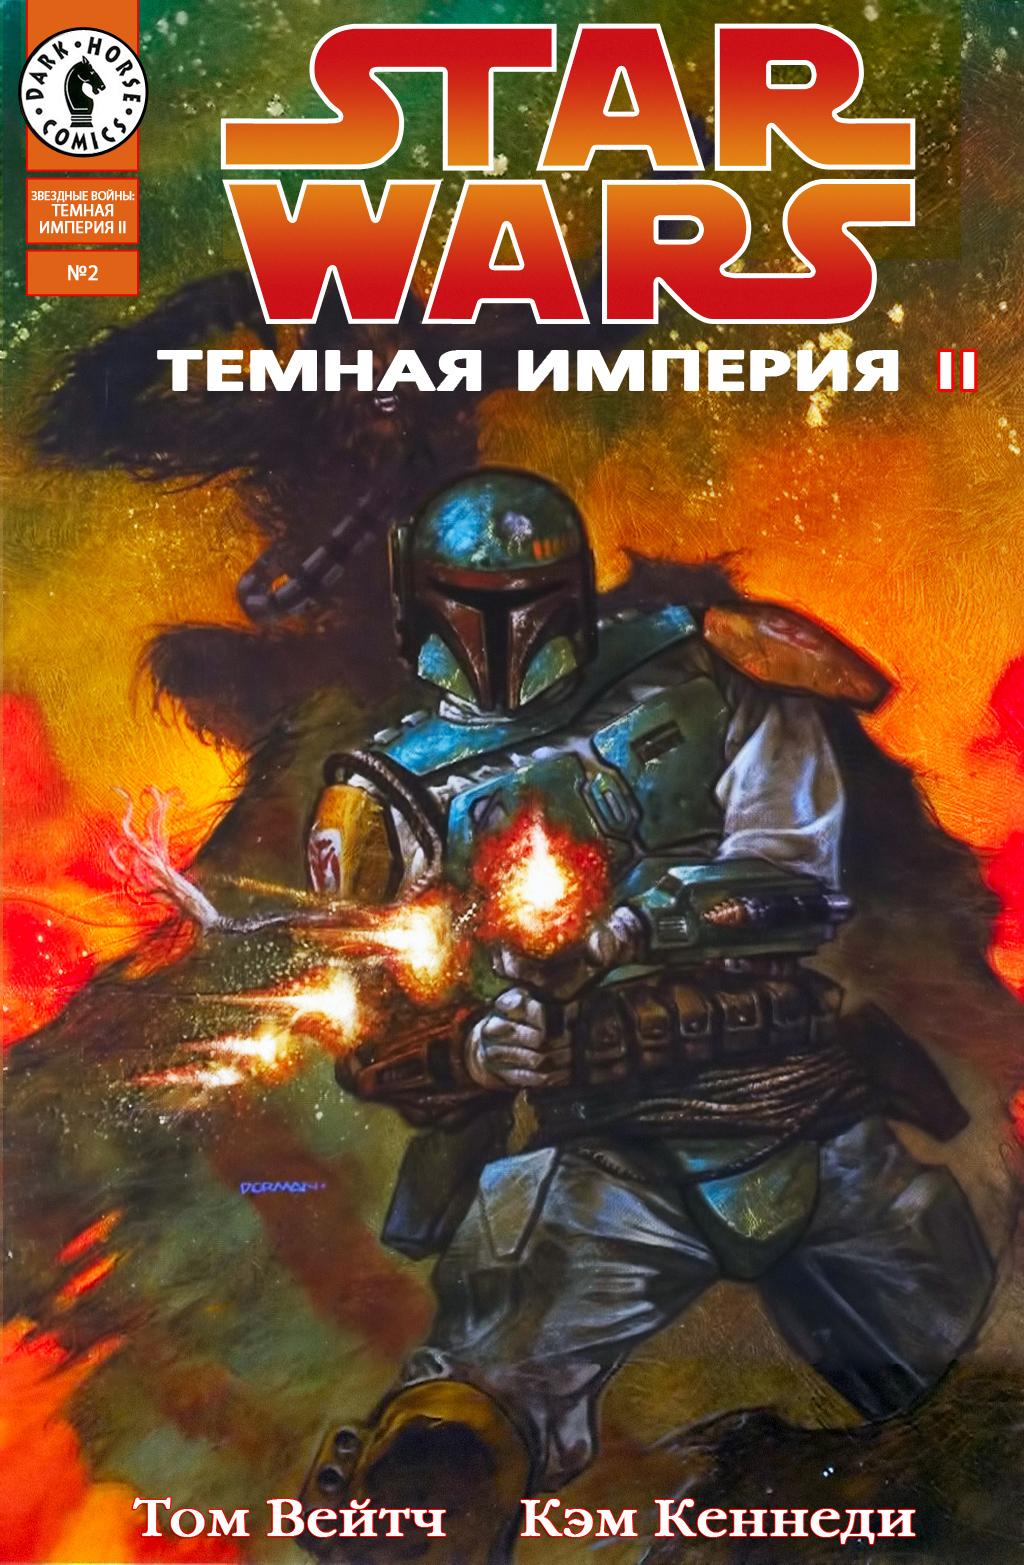 Комикс Звездные Войны - Темная Империя II